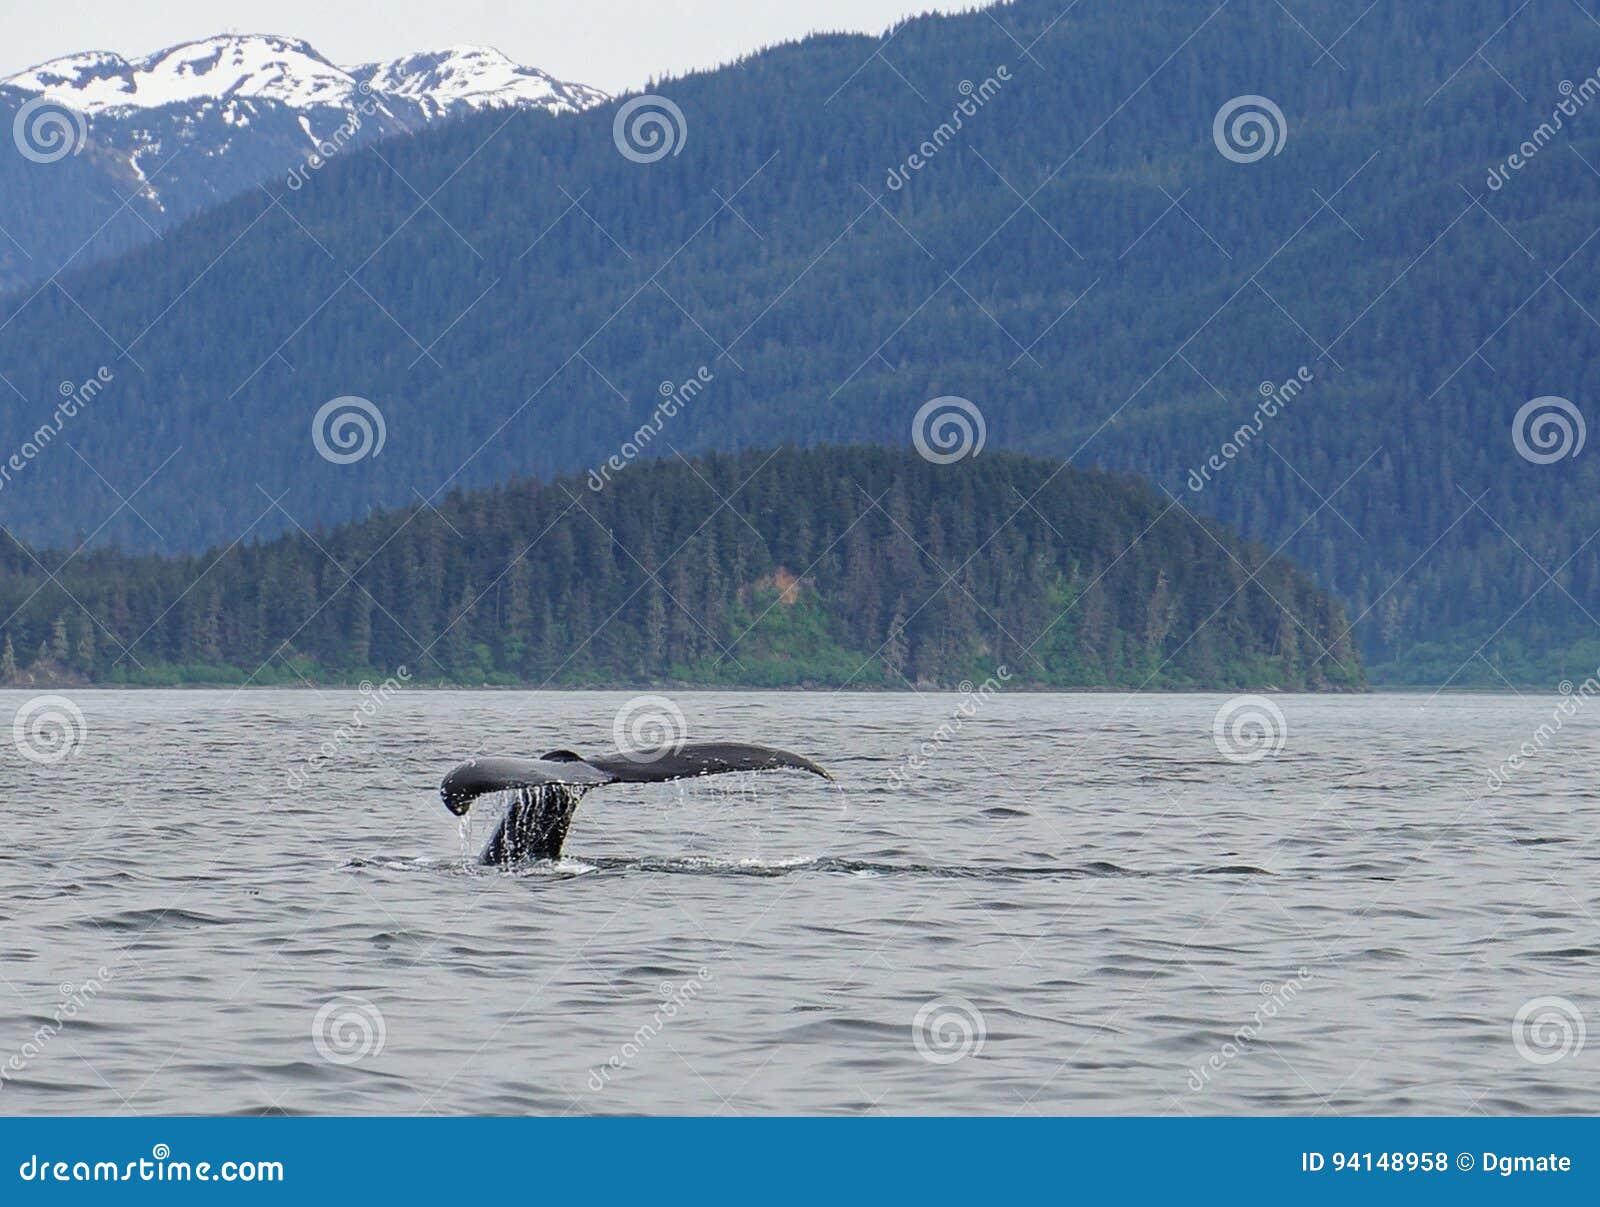 Wielorybi dopatrywanie, humpback wieloryby w Alaska